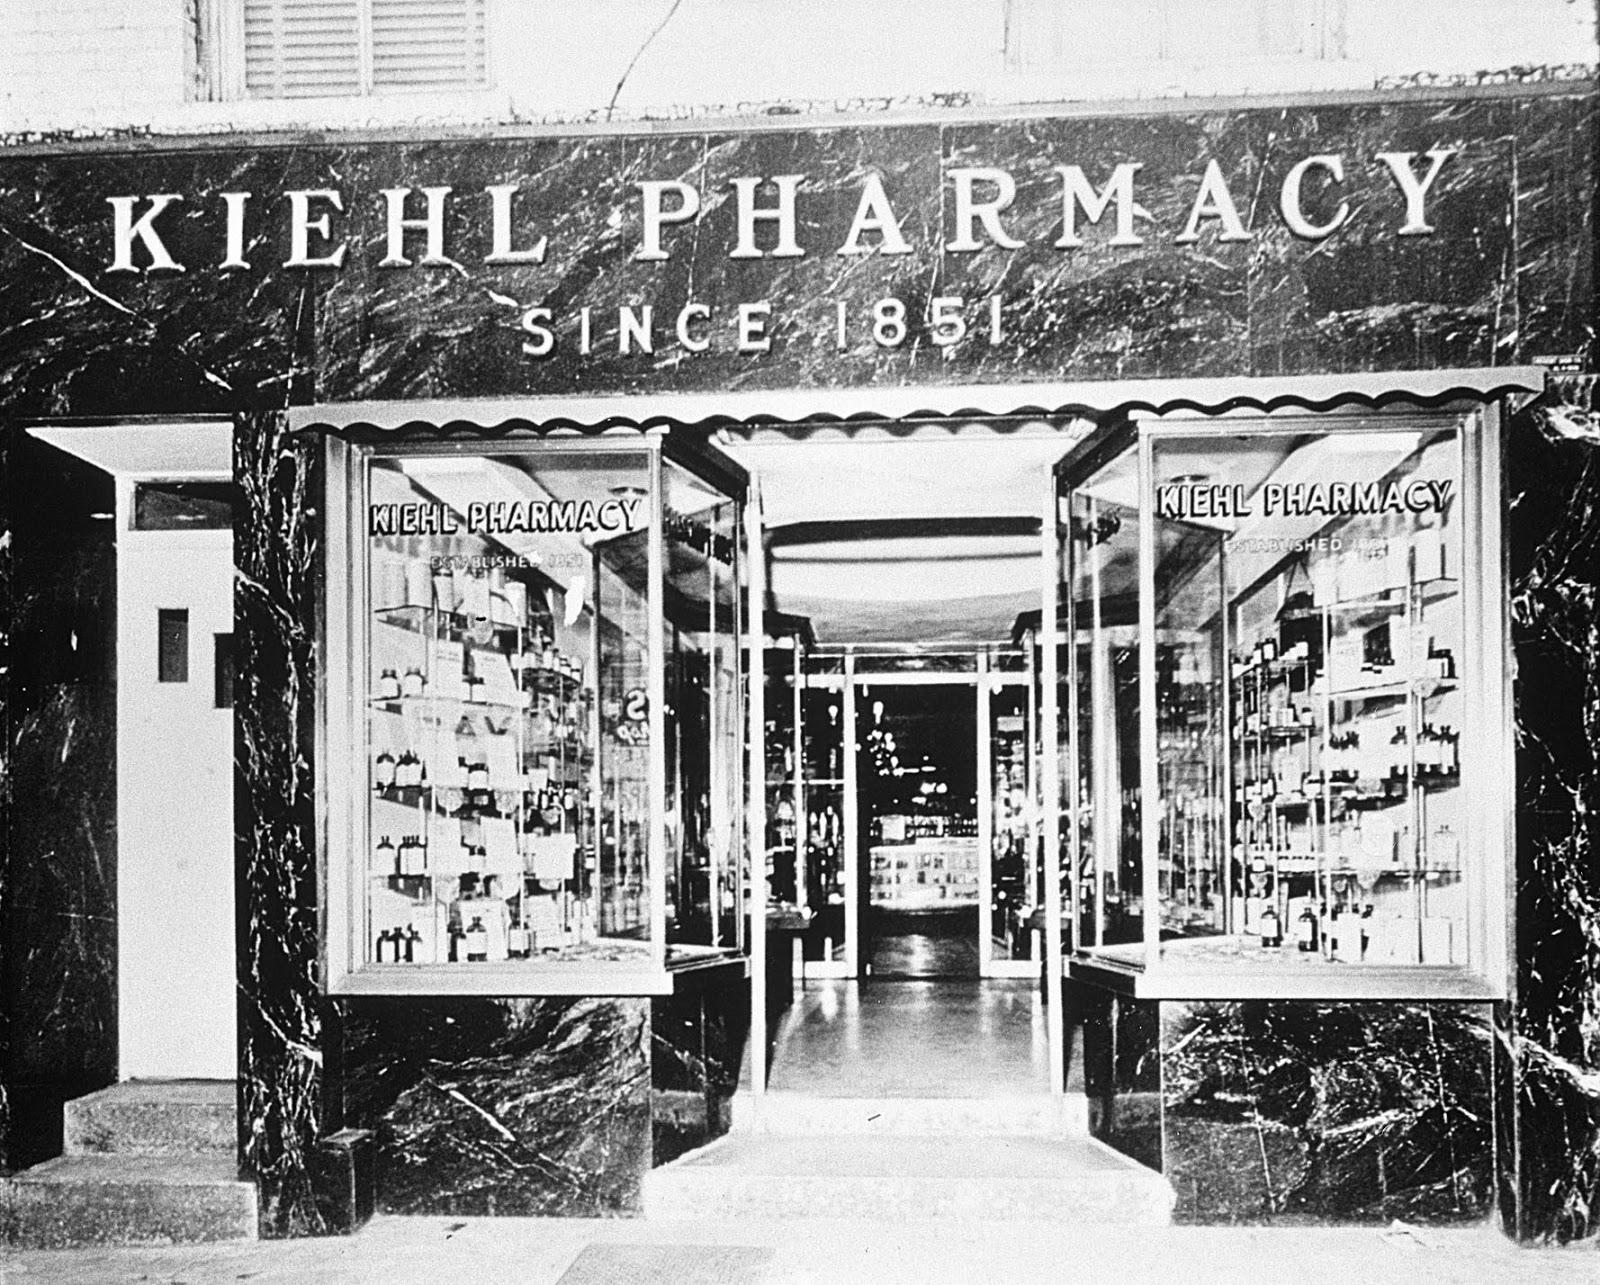 Behind The Brand: Kiehl's